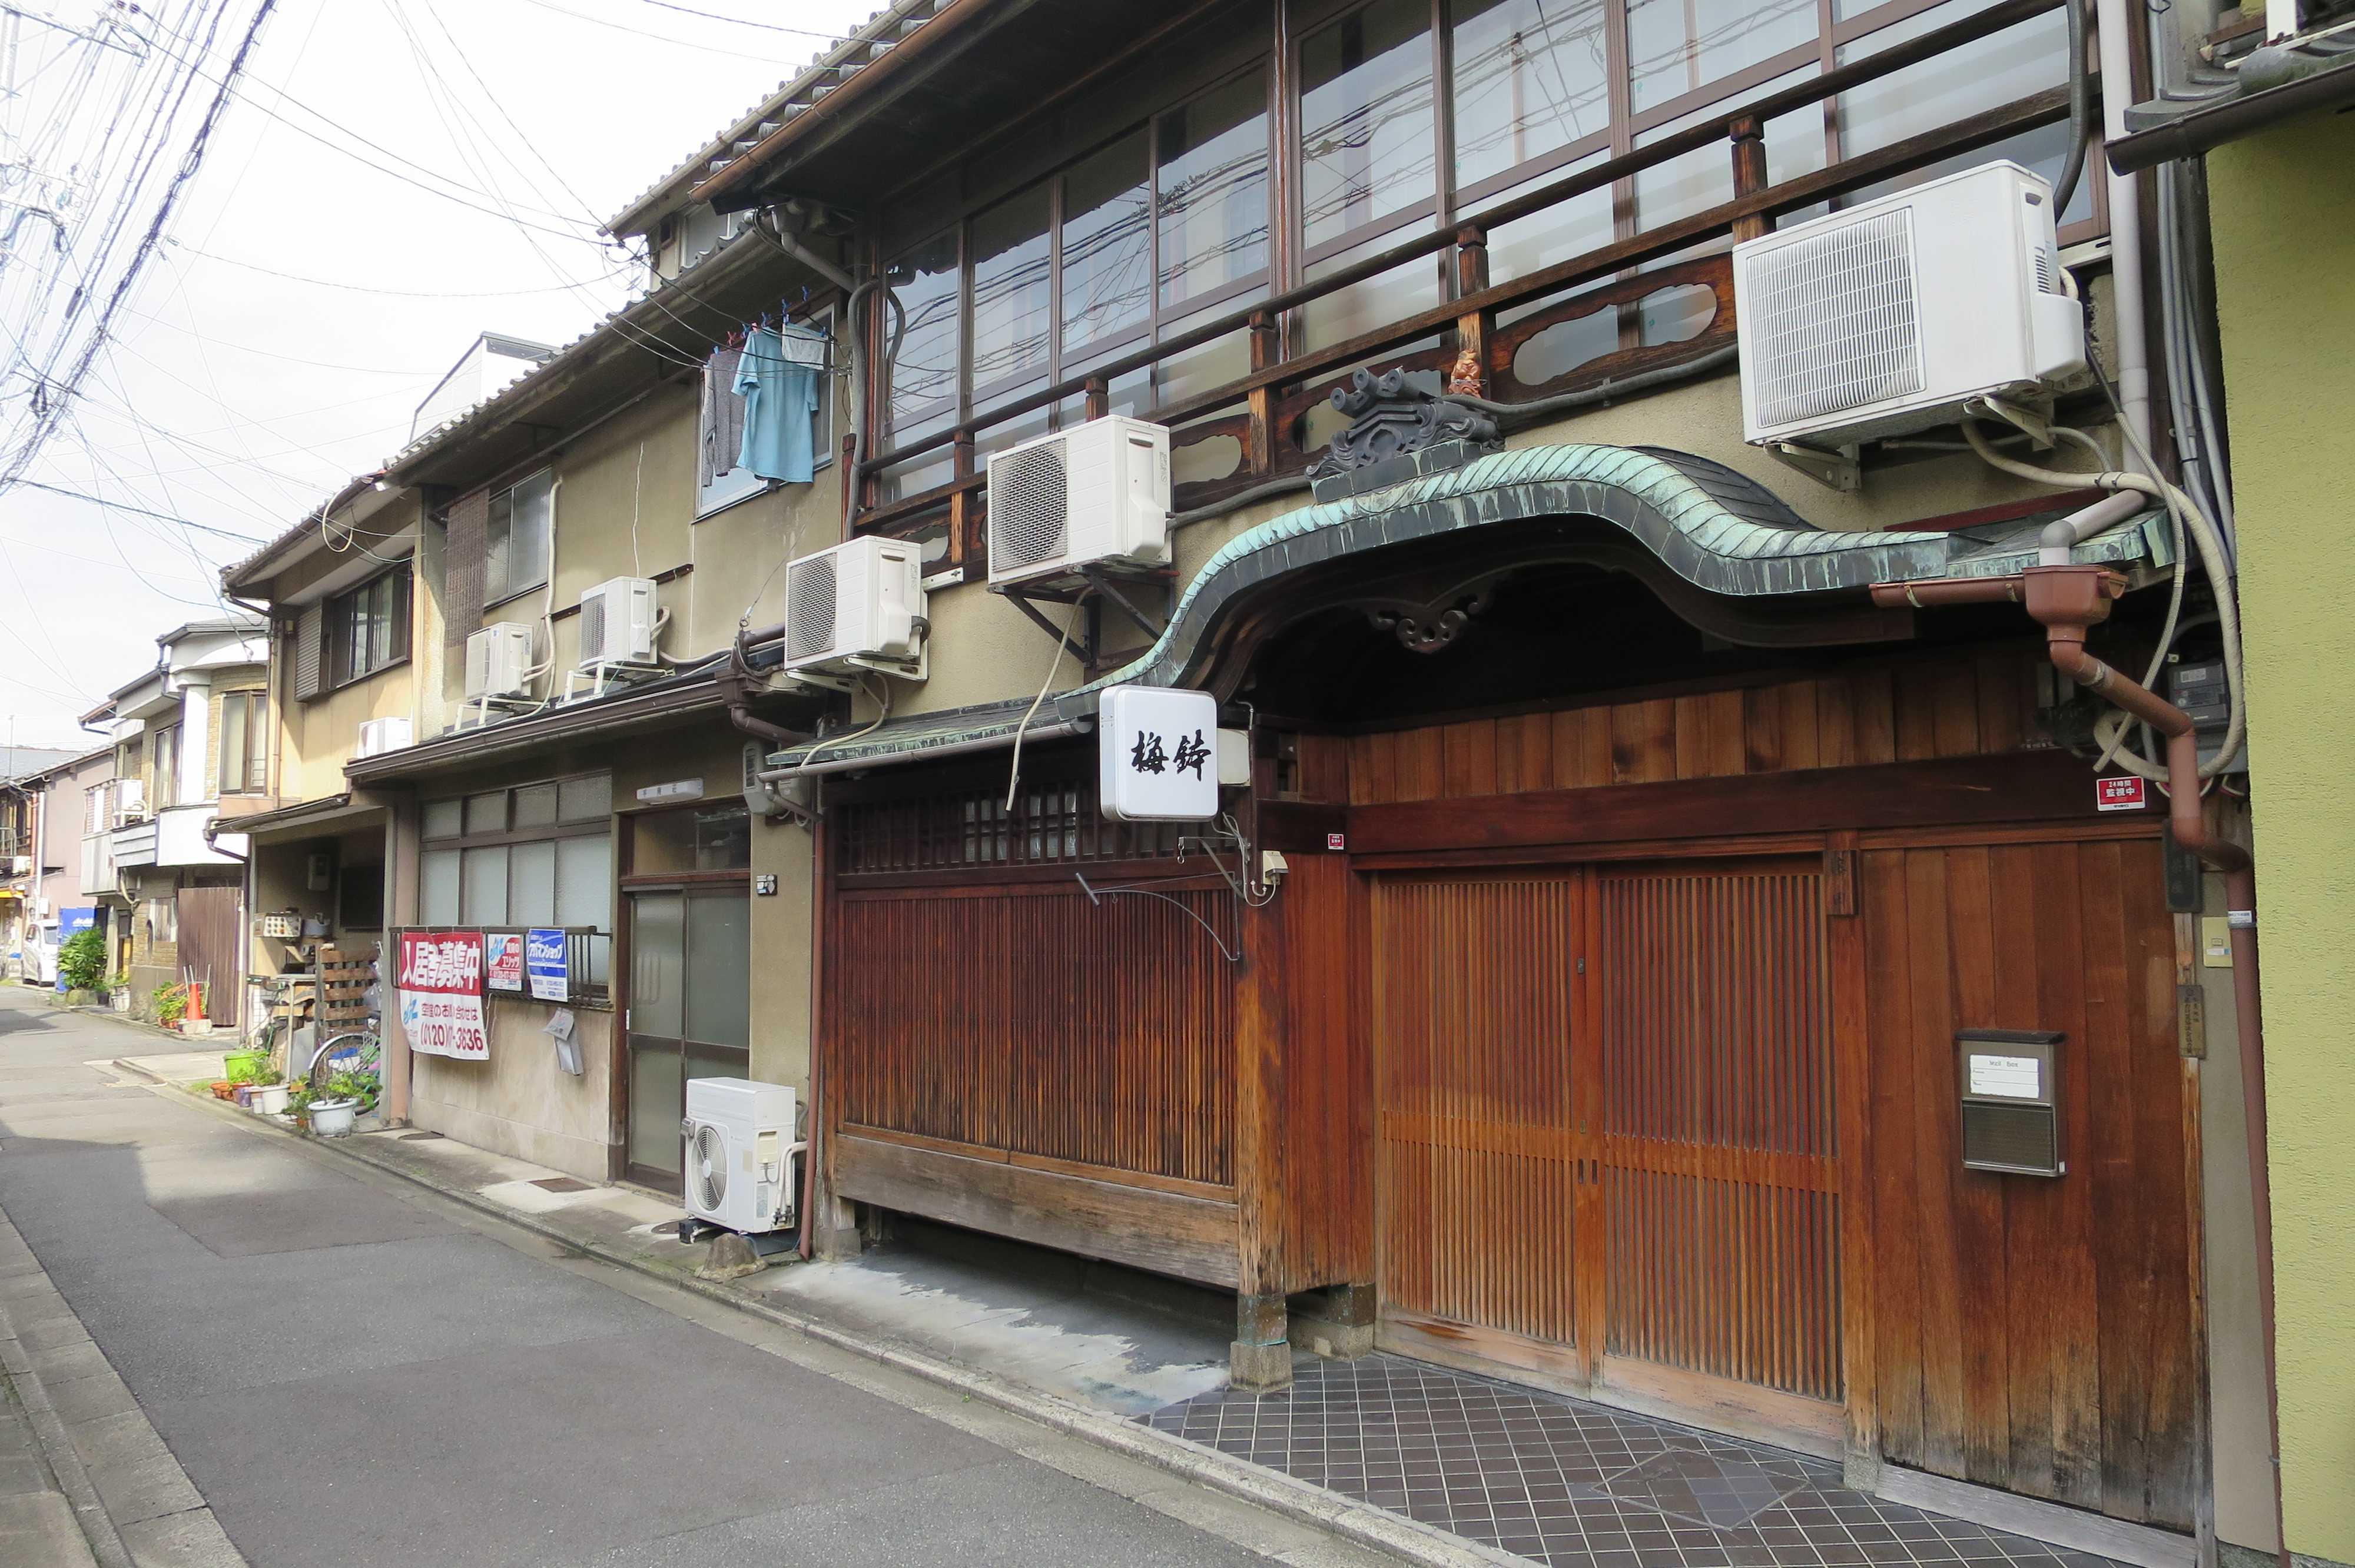 京都・五条楽園 - 梅鉢(お茶屋)